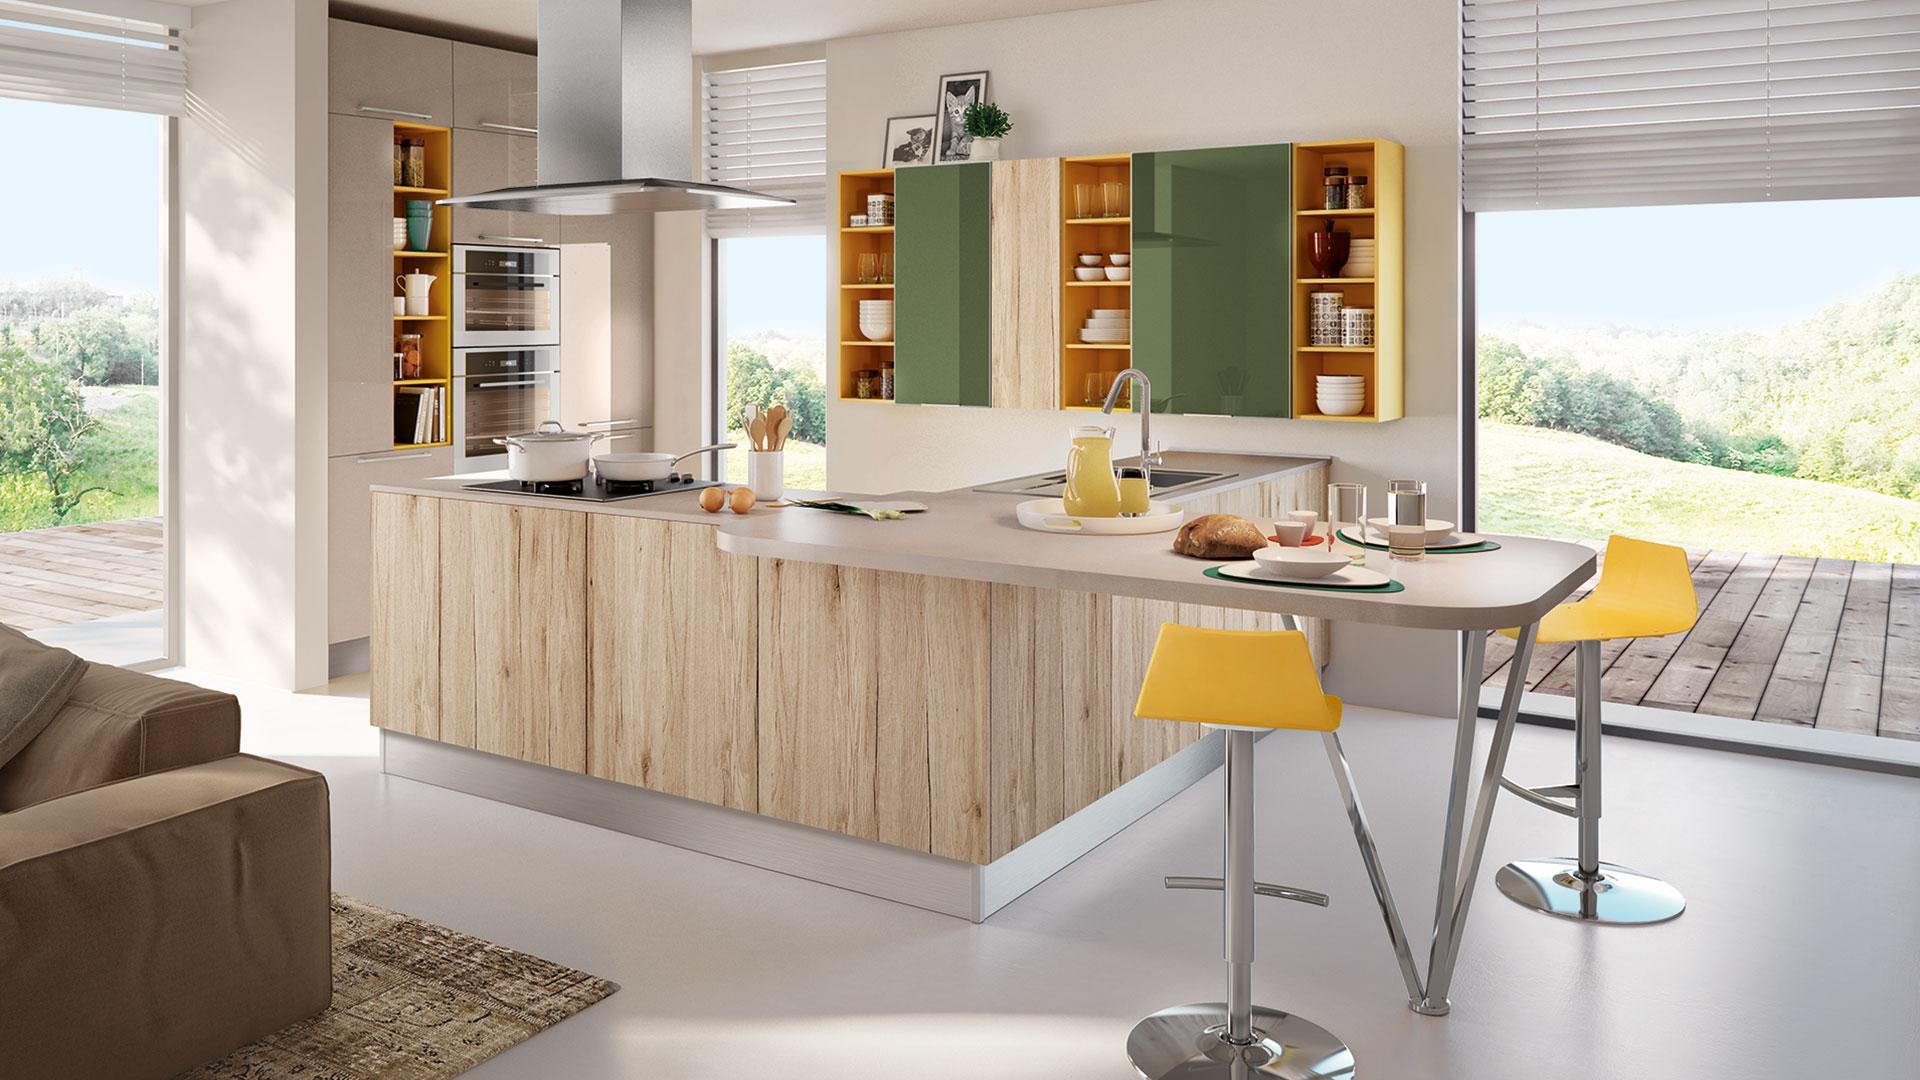 Swing cucine lube roma dfg arredamenti for Crea arredamenti